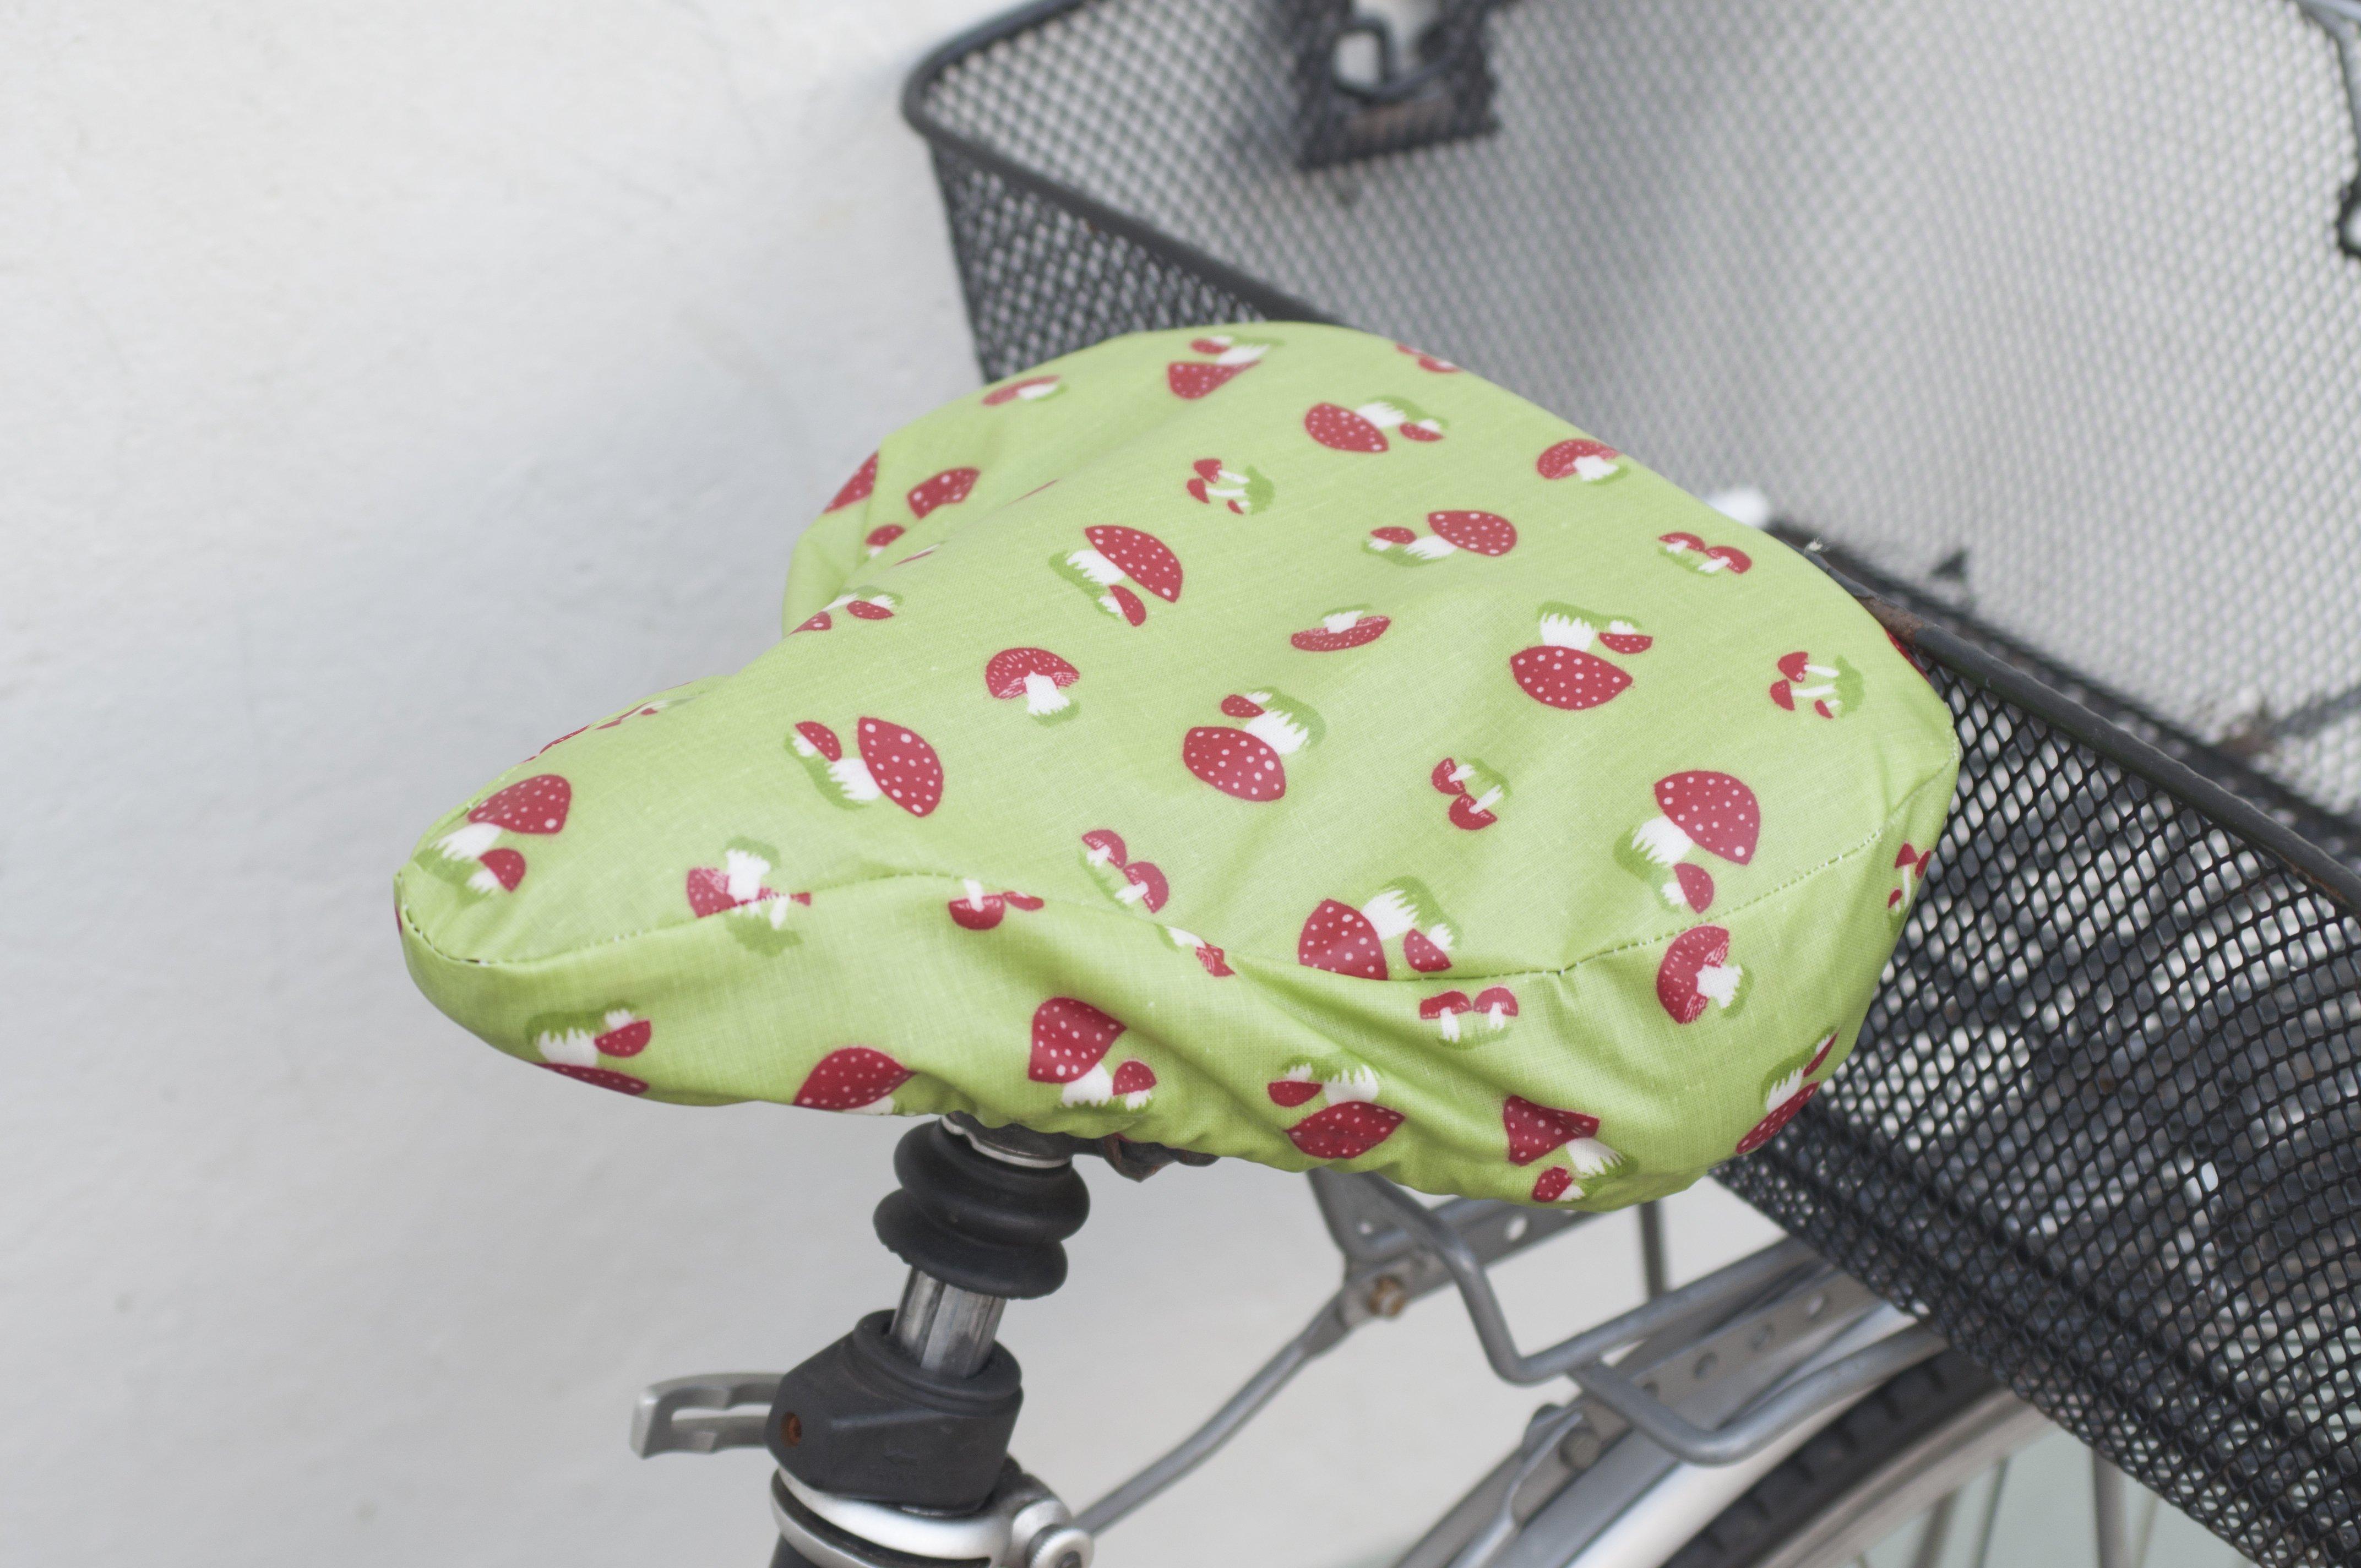 Regenschutz für den Fahrradsitz, Anleitung und Schnittmuster